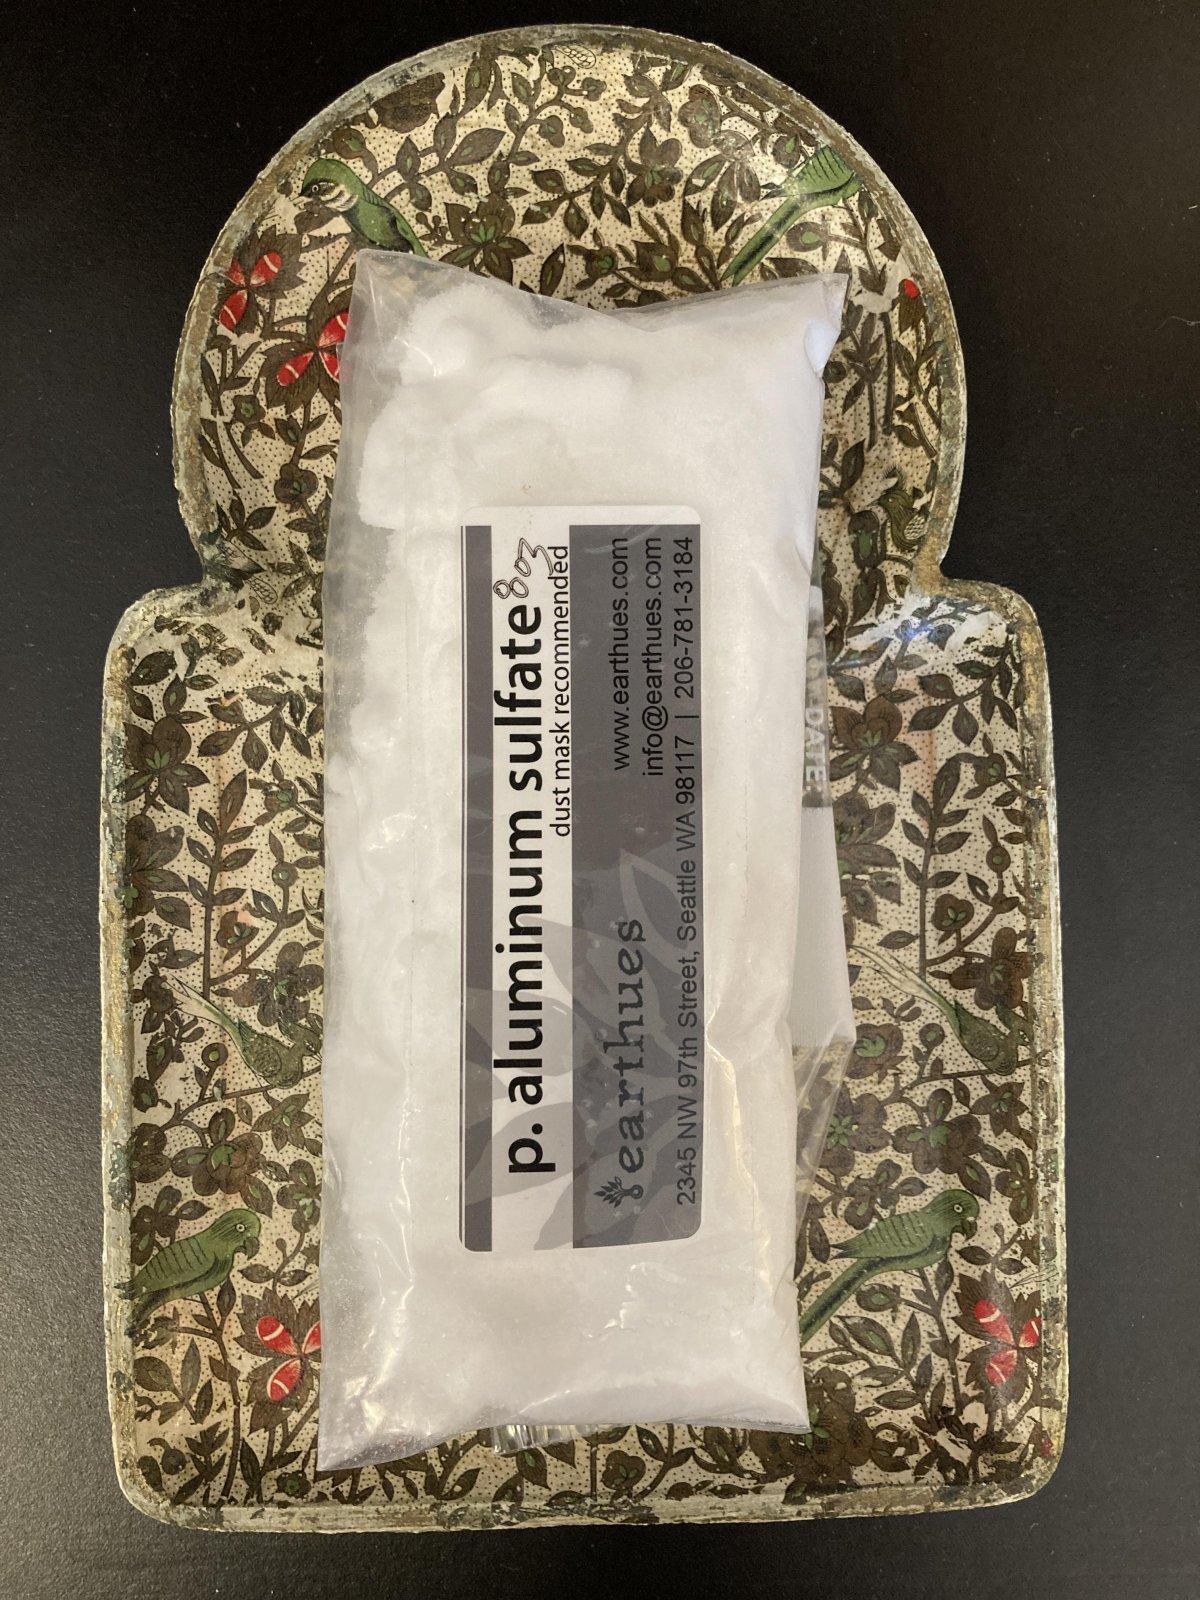 Potassium Aluminum Sulfate 8oz